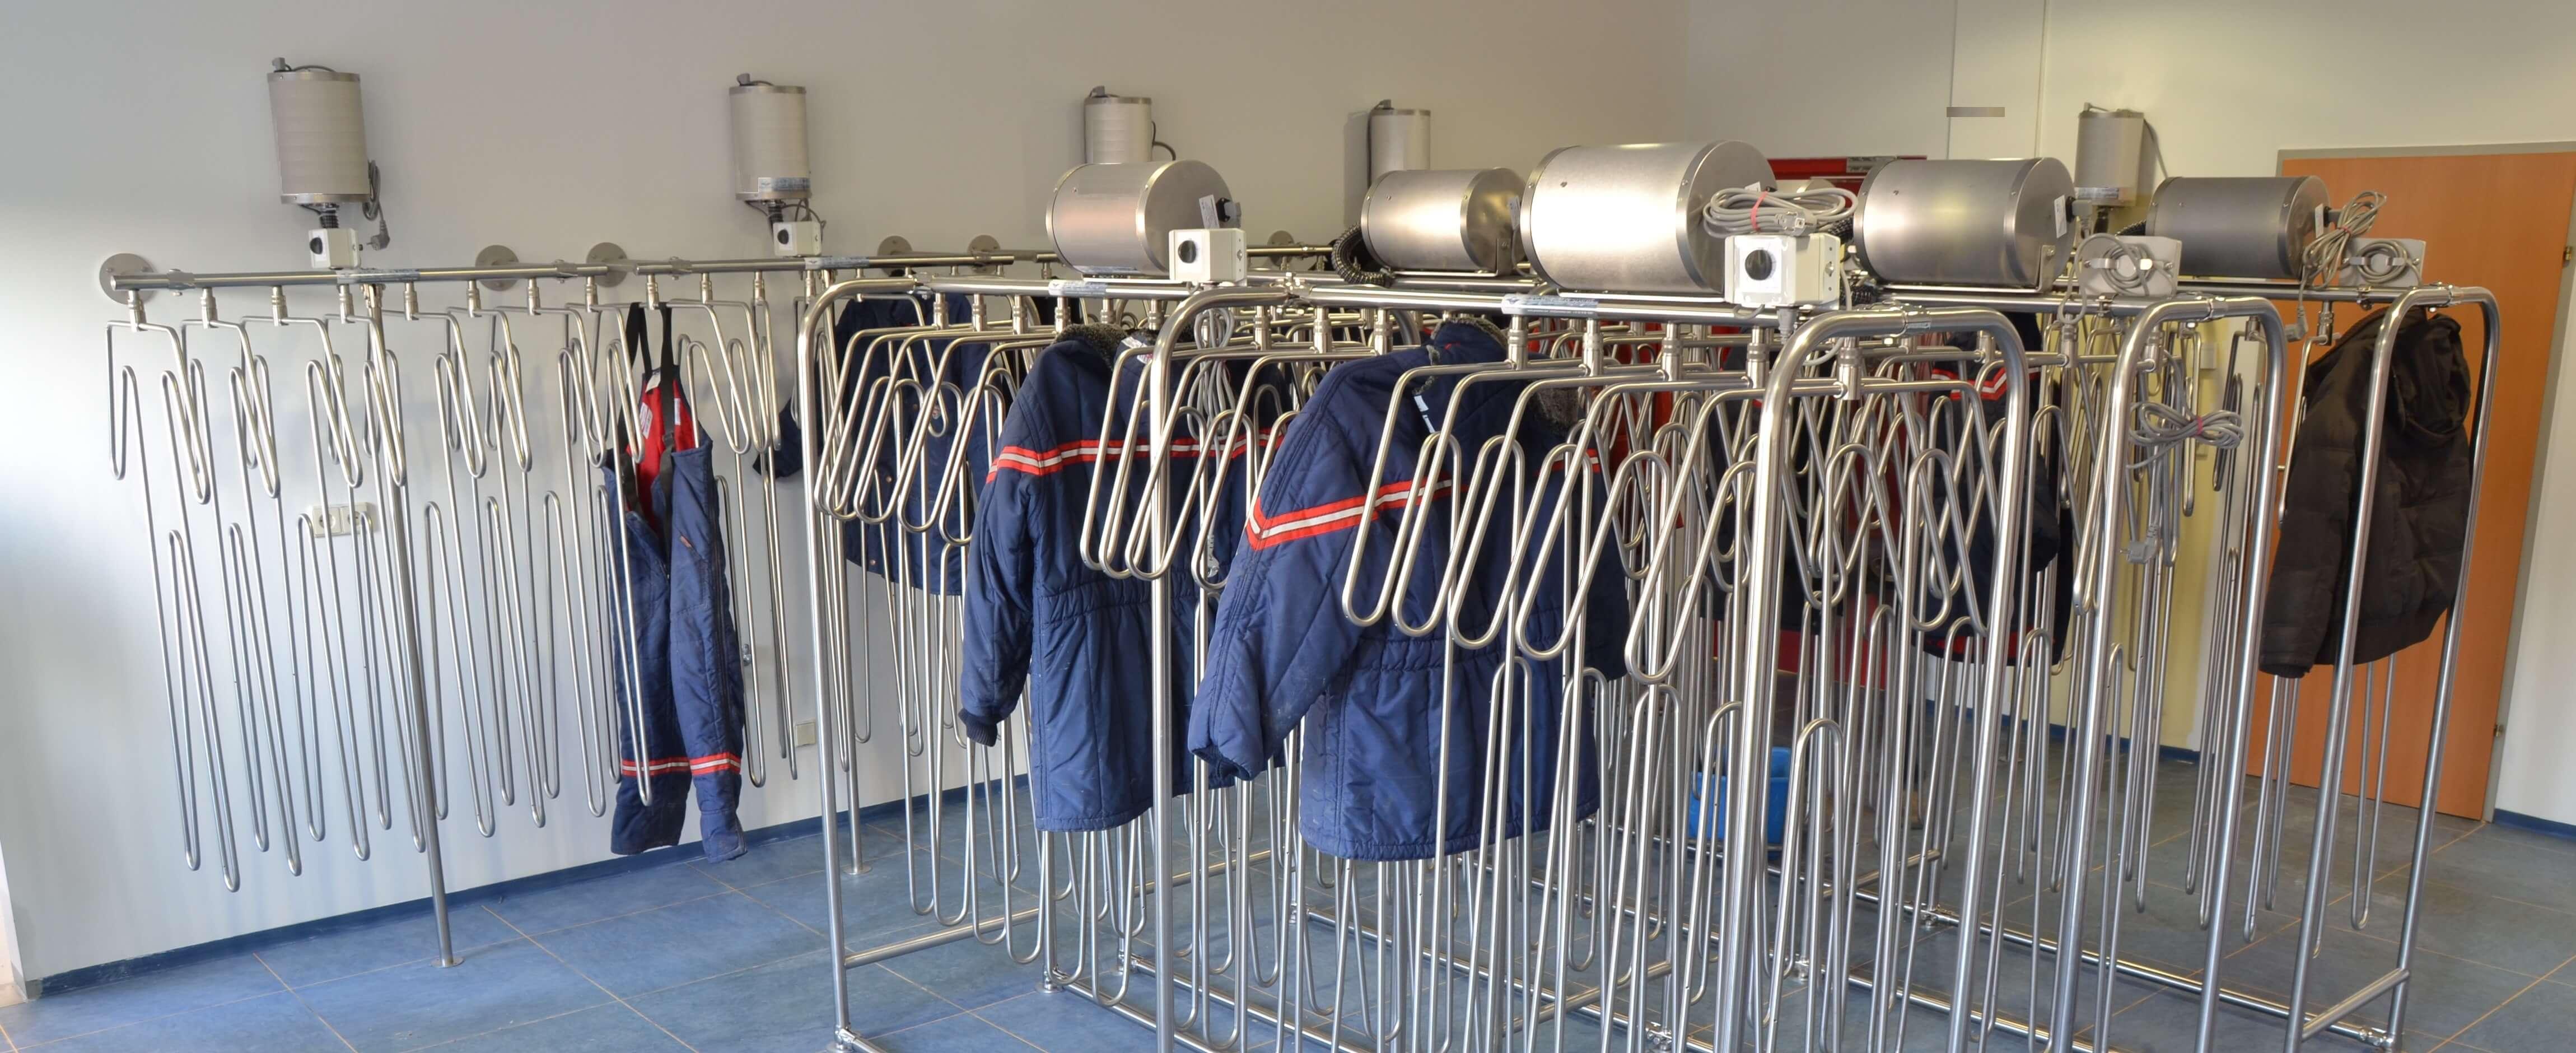 Secador para ropa térmica y trajes de protección antisalpicaduras en cámaras frigoríficas y salas de congelación.